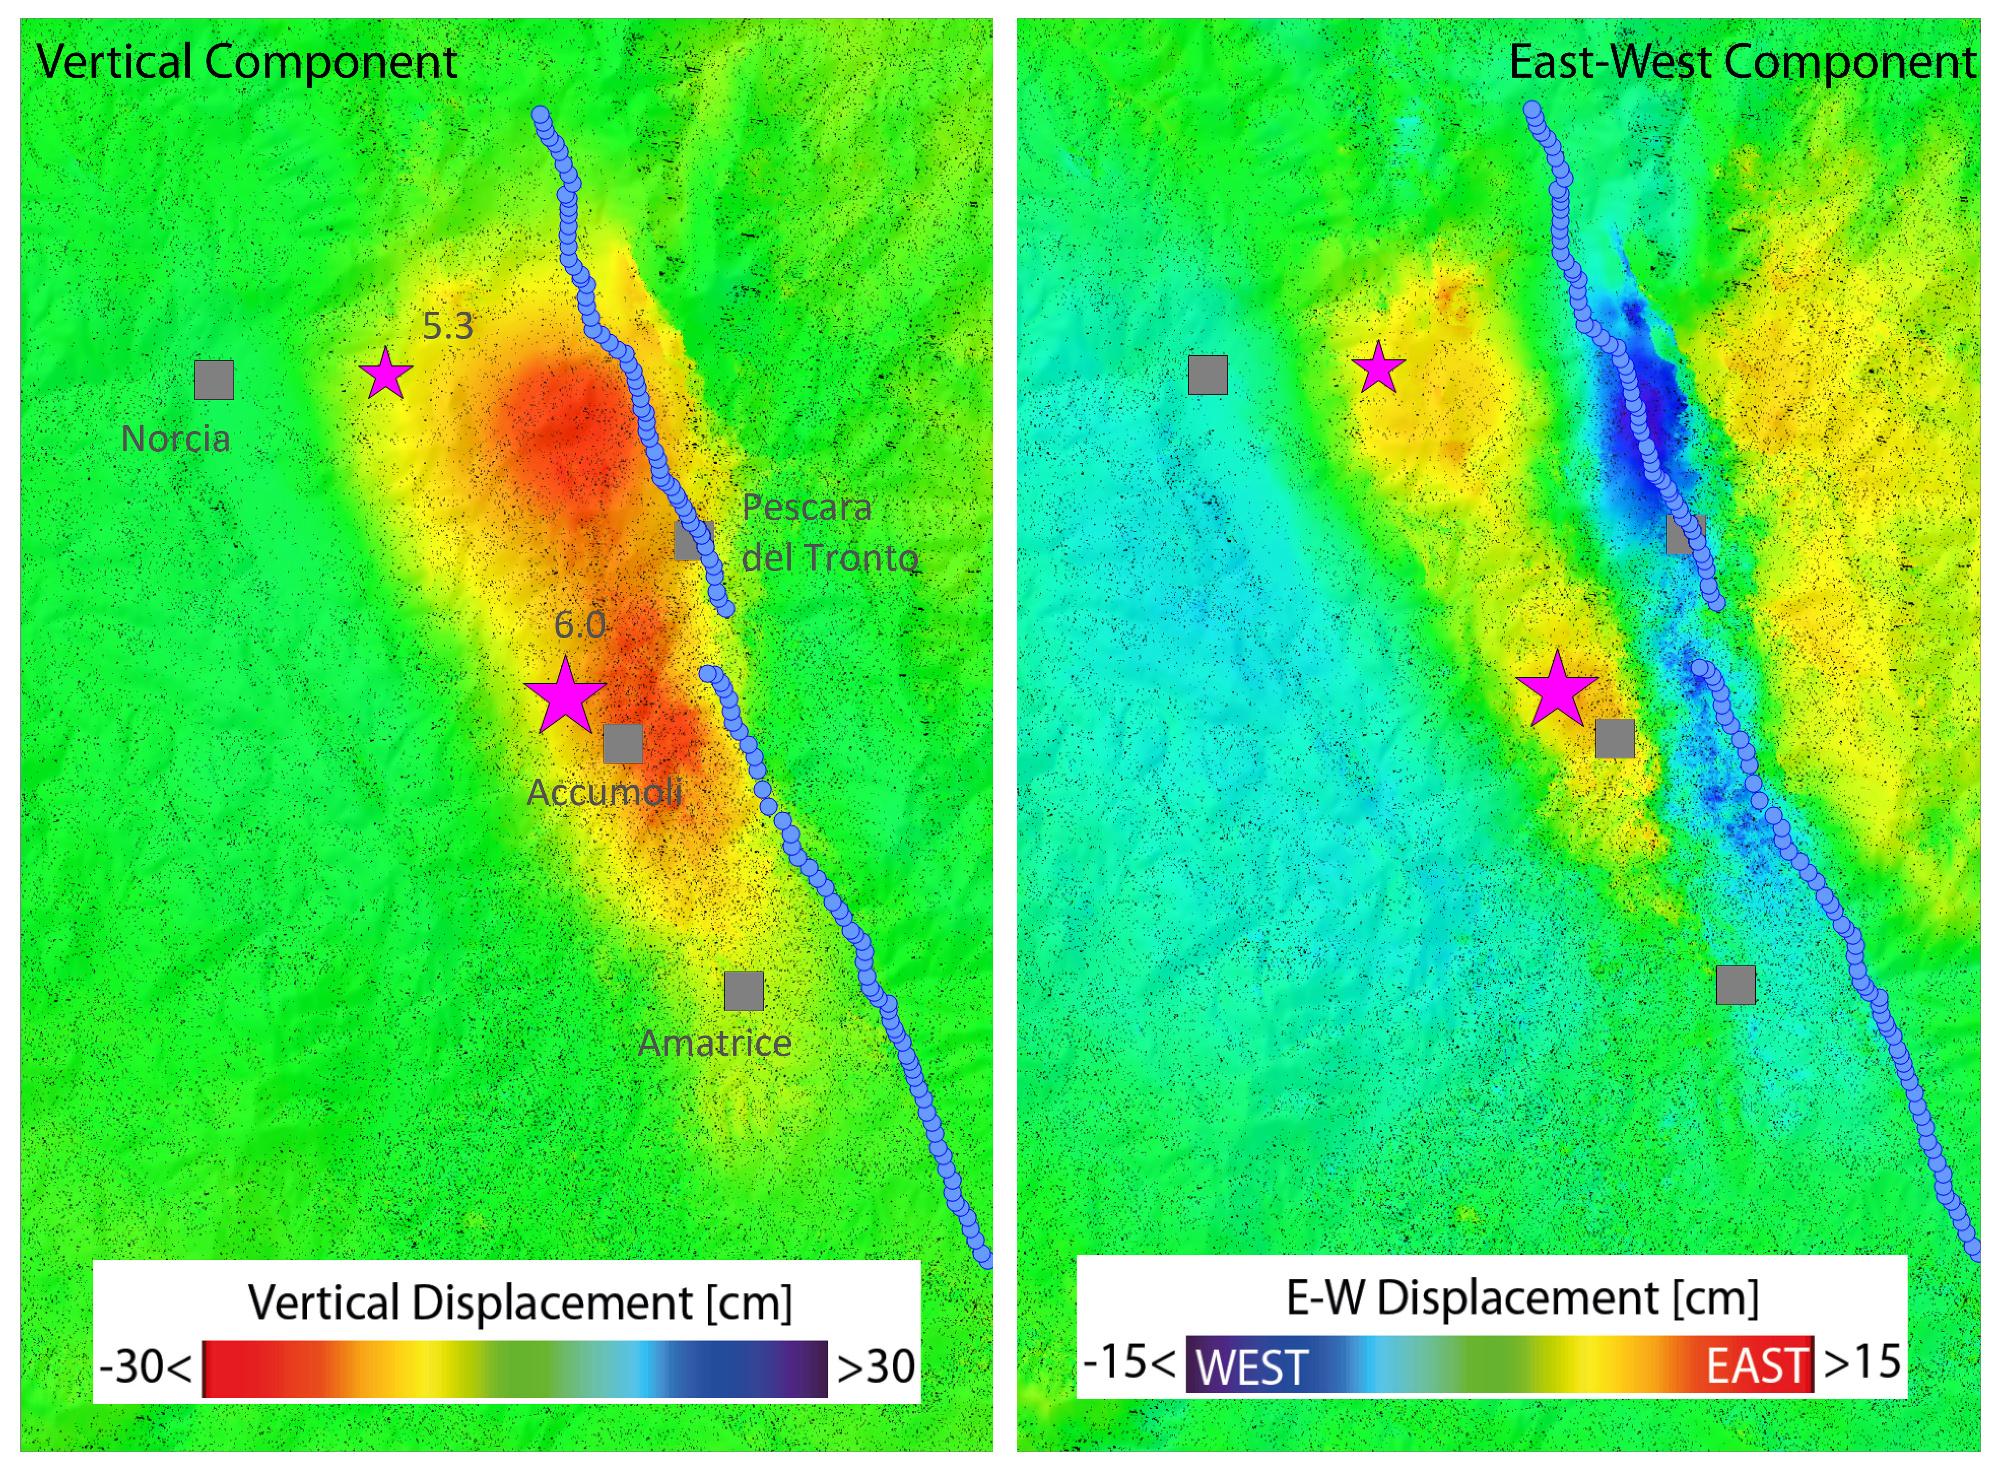 Italie - Tremblement de Terre - 24 août 2016 - Interférométrie - Sentinel-1 - Copernicus - ESA - IREA - Fault - plates - Terromoto - Subsidence - déplacement - faille - réplique - épicentre